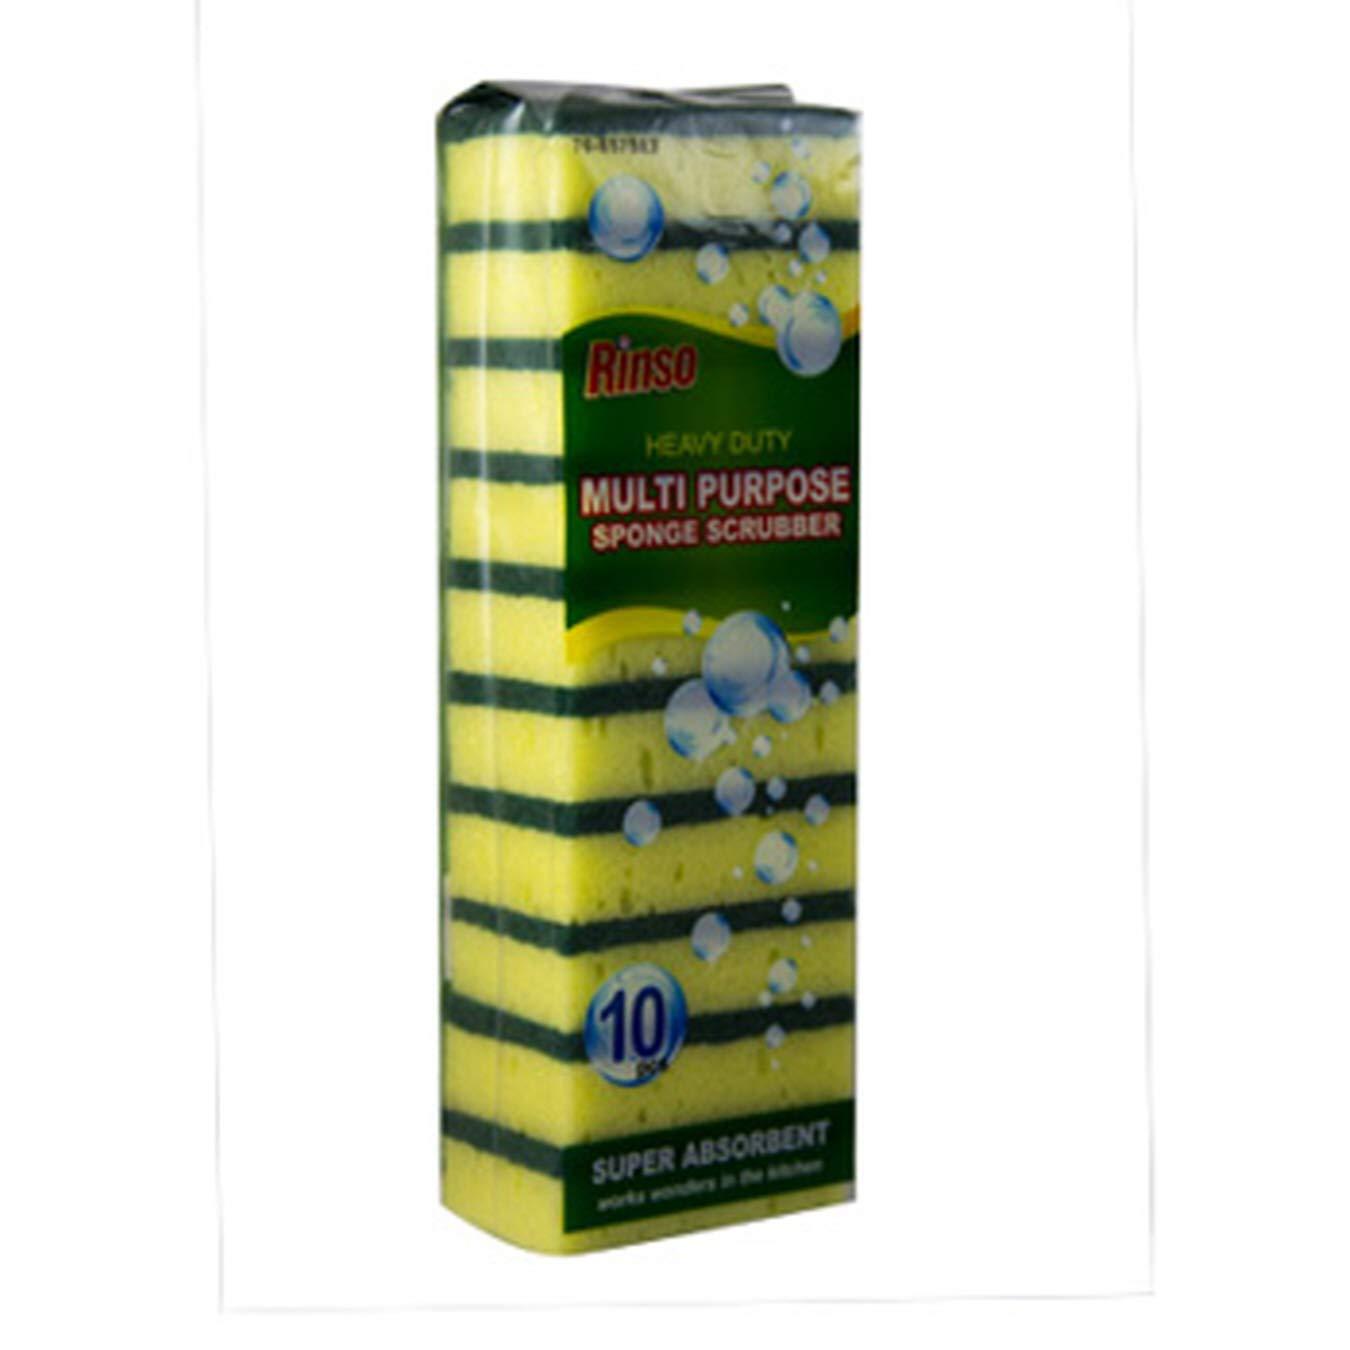 (Pack of 48, 480 Ct) Rinso Sponge Scrubber Multi Purpose Sponge Heavy Duty, Super Absorbant, 10pk